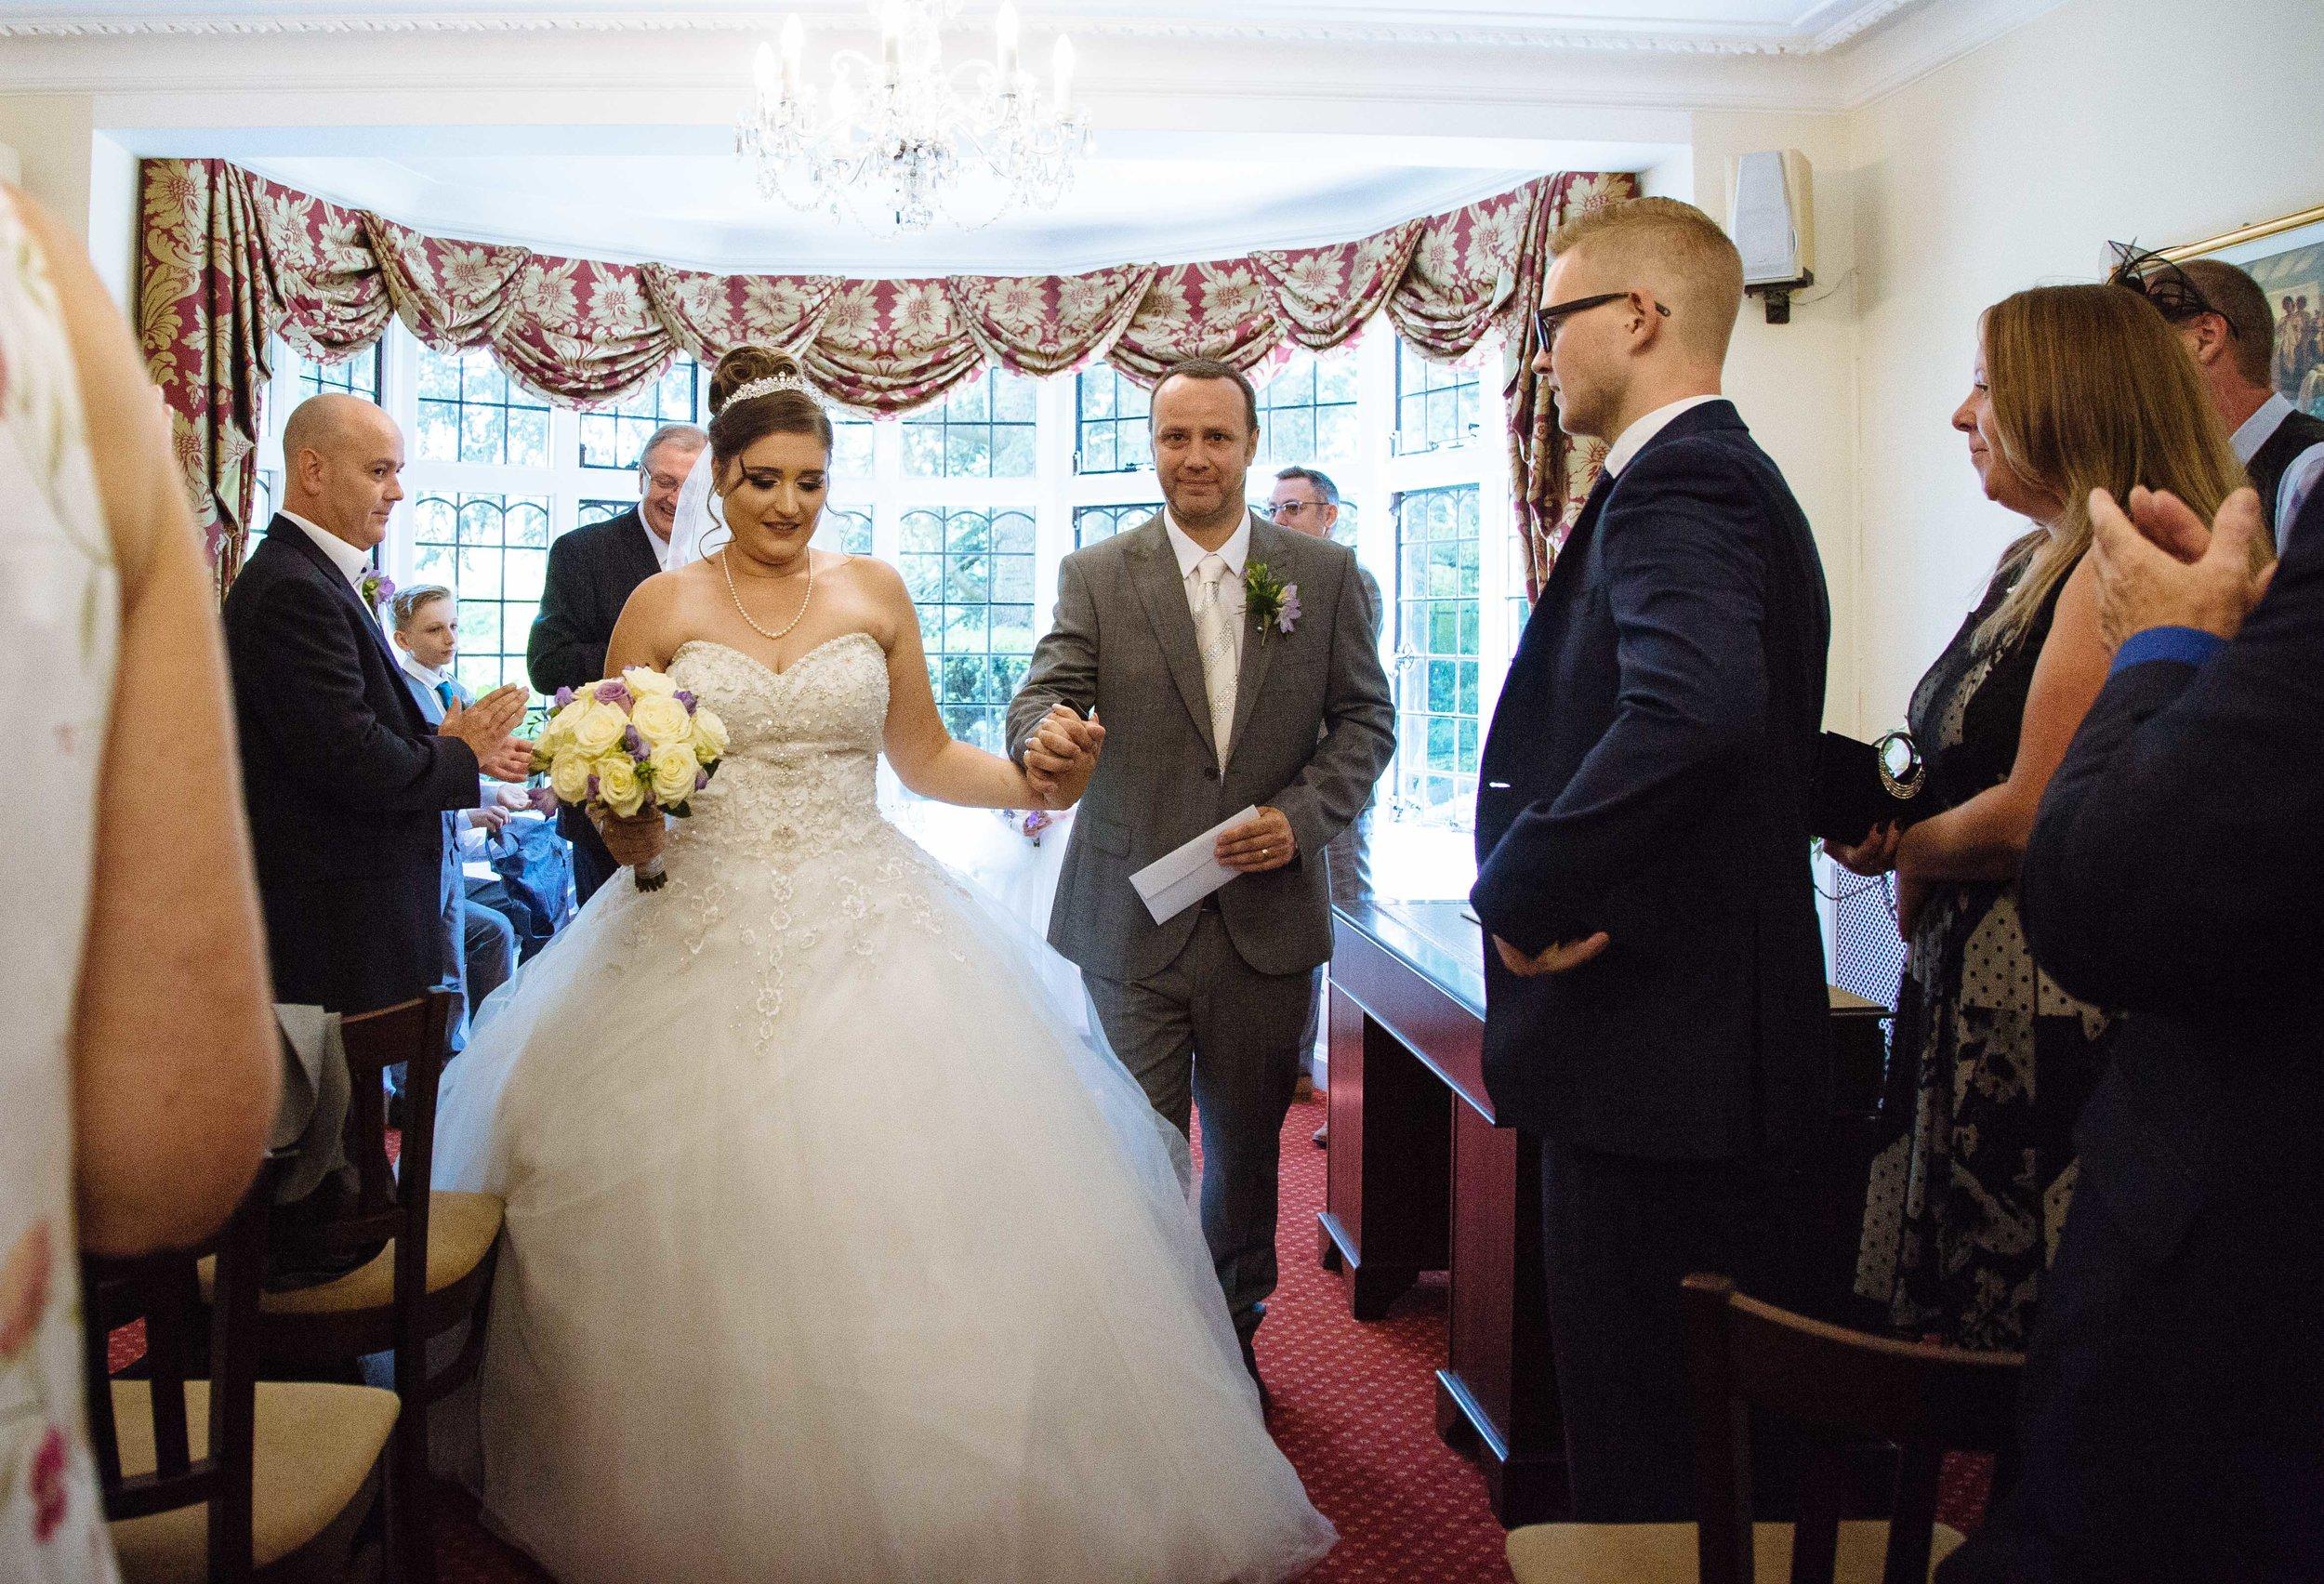 HamptonCourt-Wedding-Weybridge-Surrey-London-OatlandsParkHotel-32